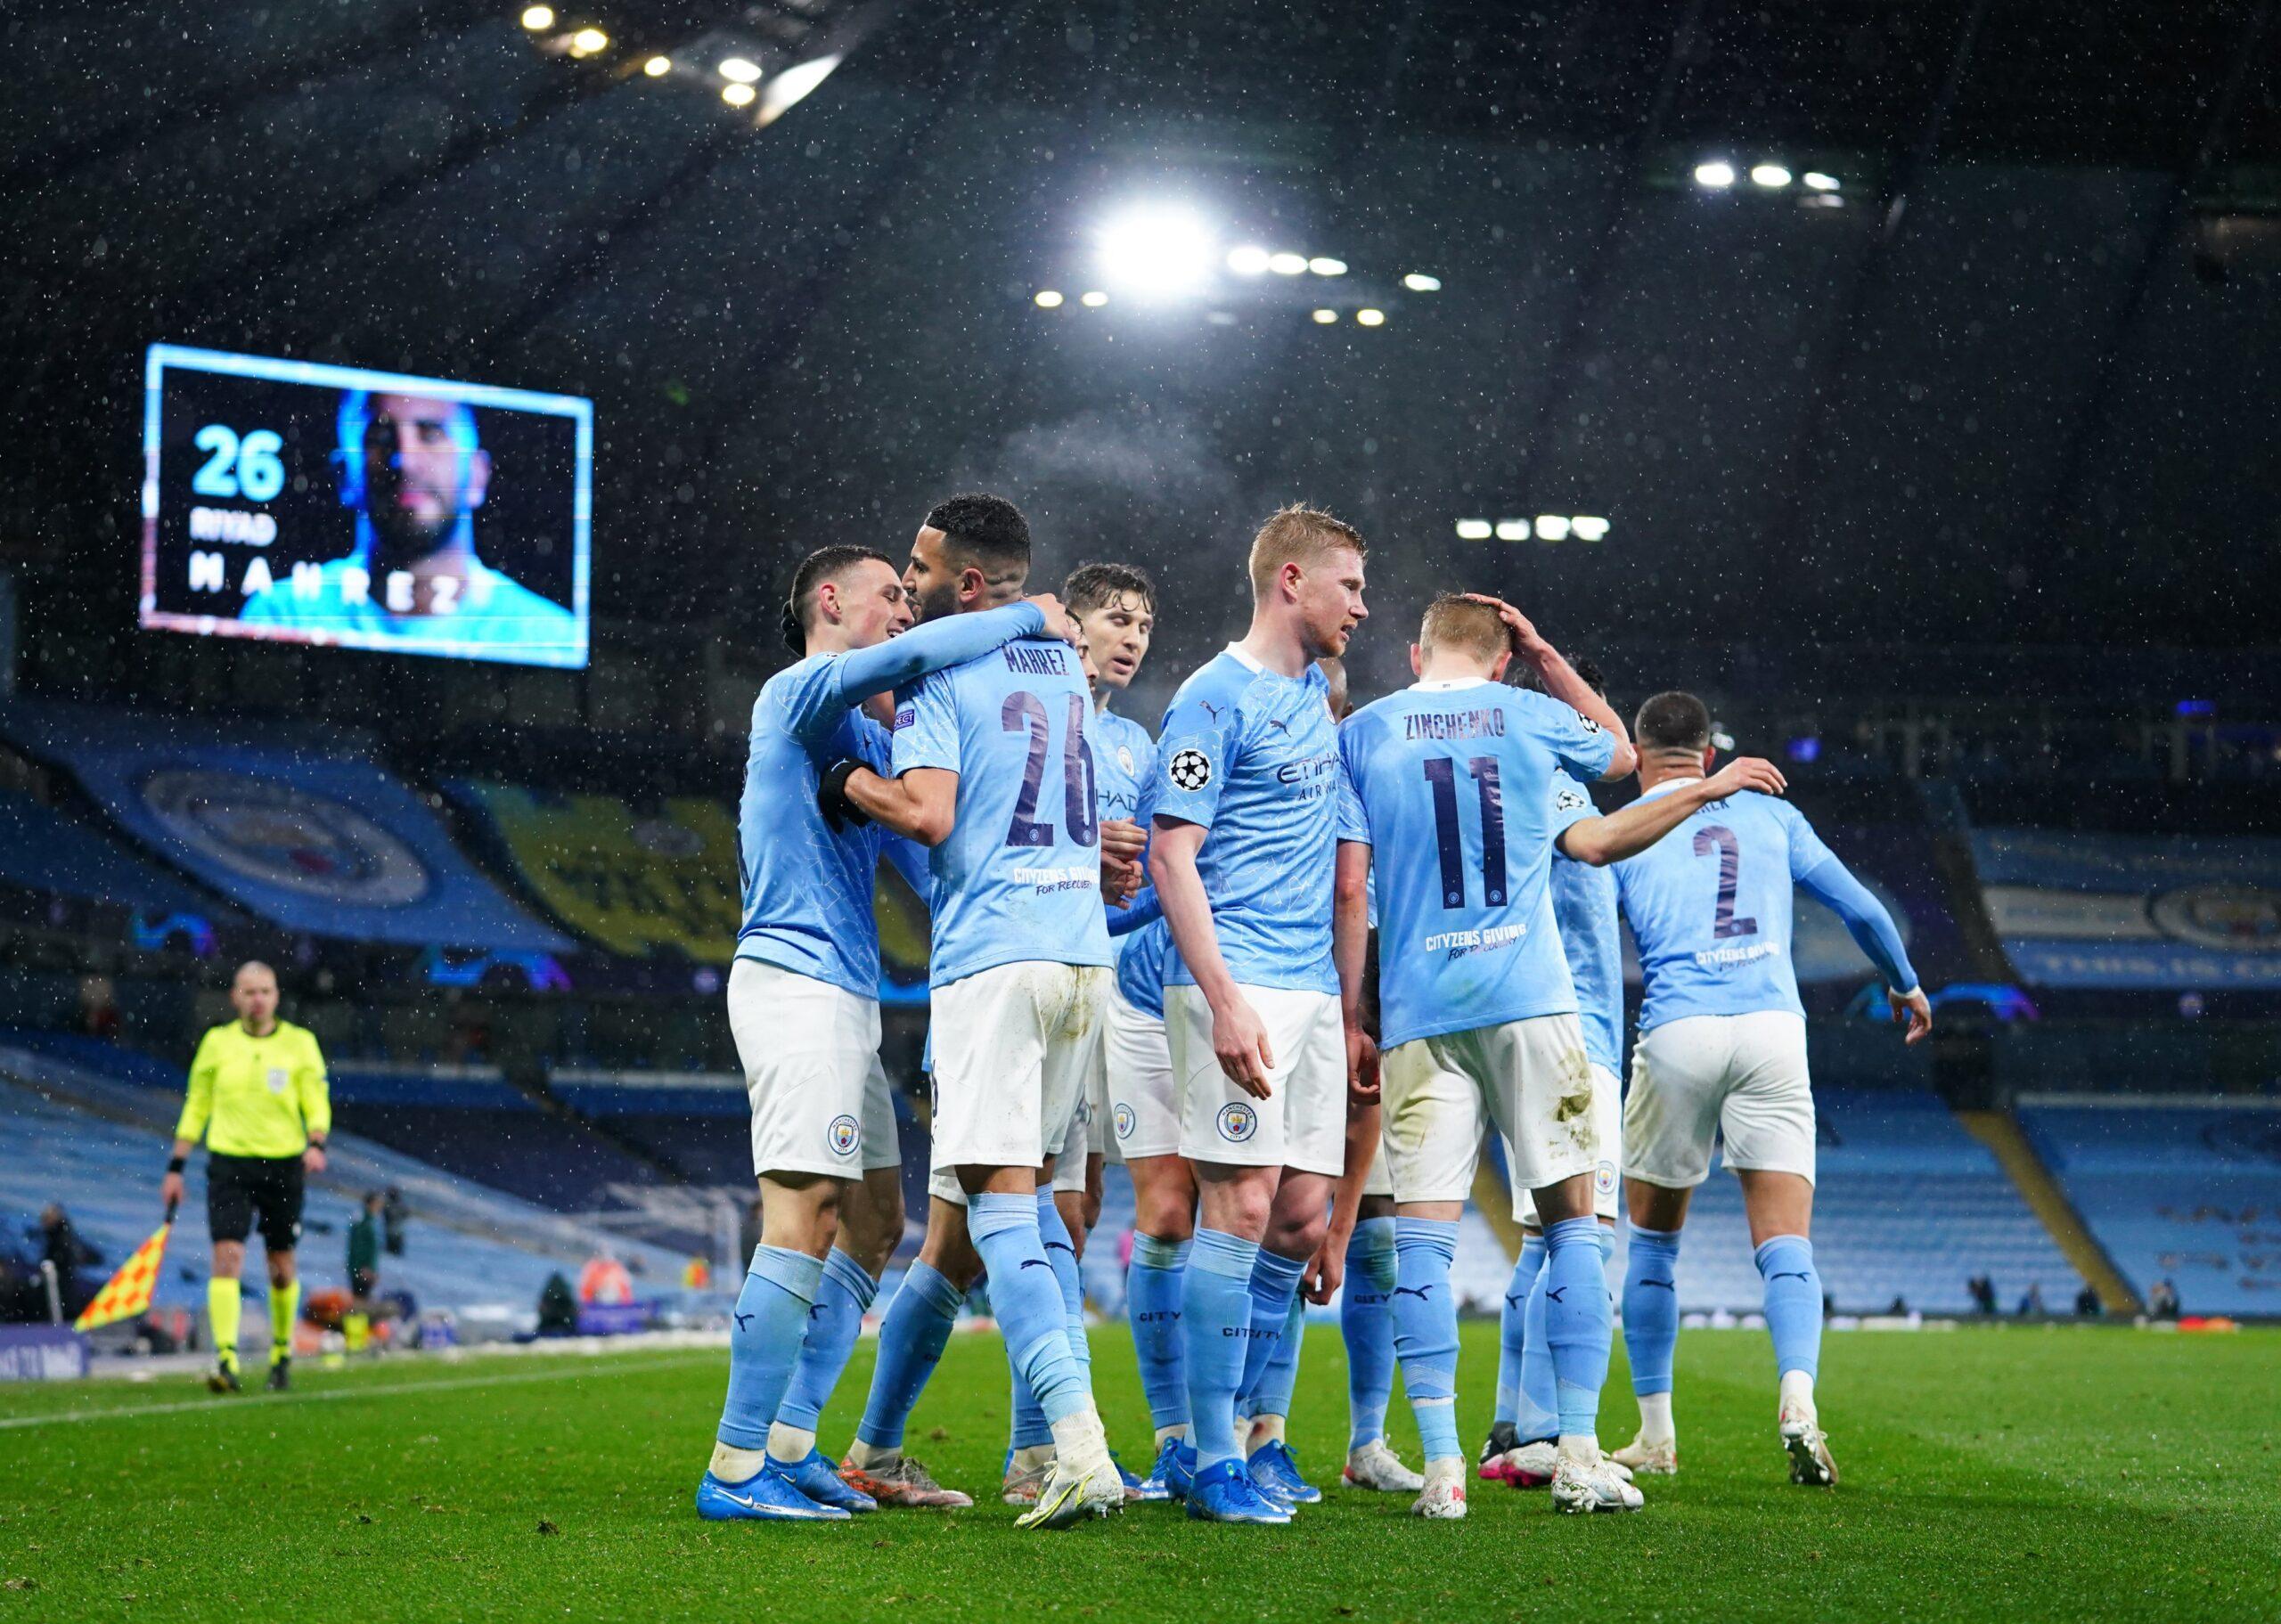 Manchester City chega pela primeira vez a final da Liga dos Campeões